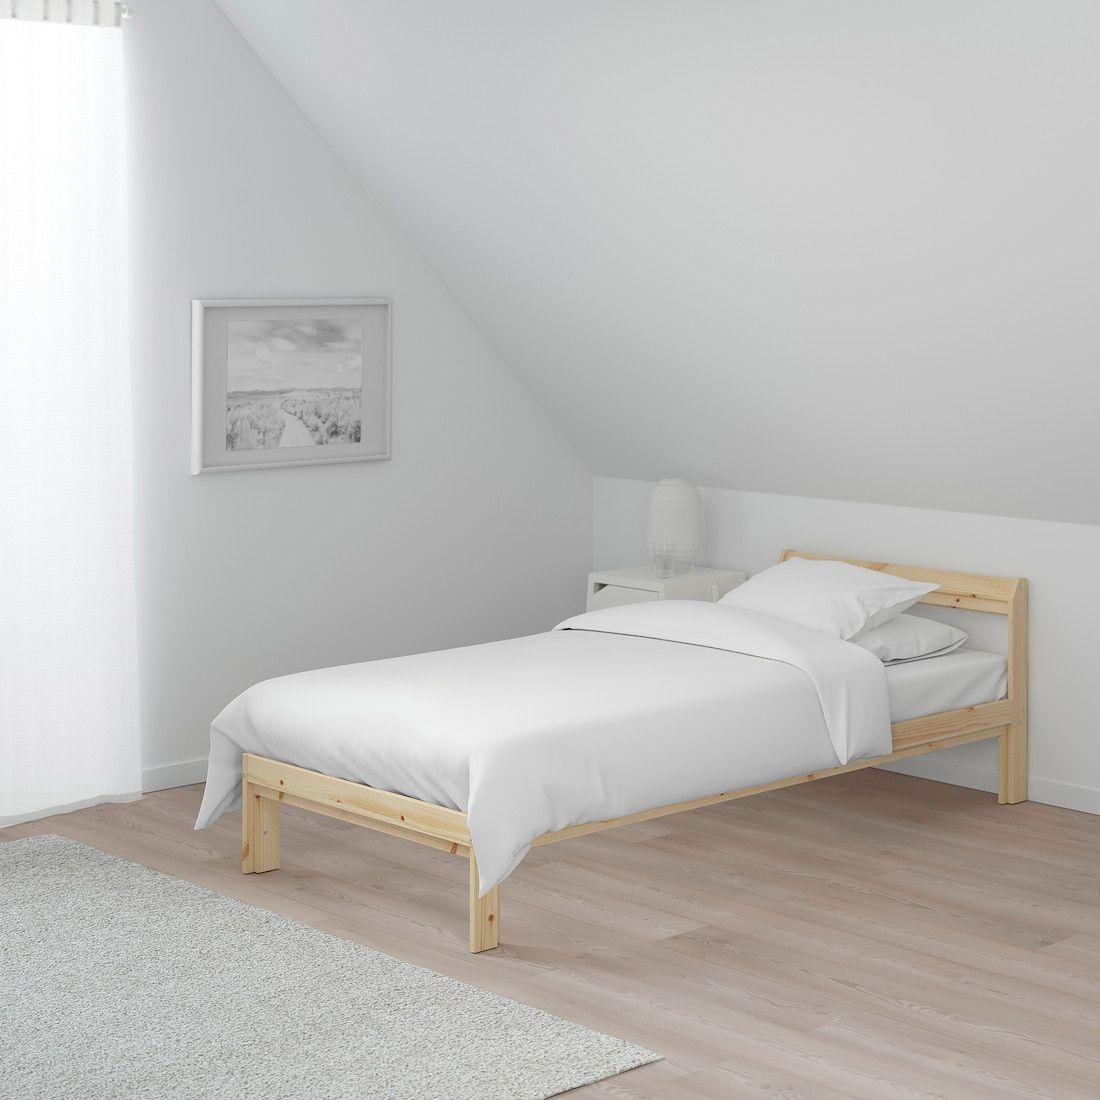 Neiden Bed Frame Pine Birch Luroy Twin Ikea In 2020 Bed Frame Single Bed Frame Pine Bed Frame